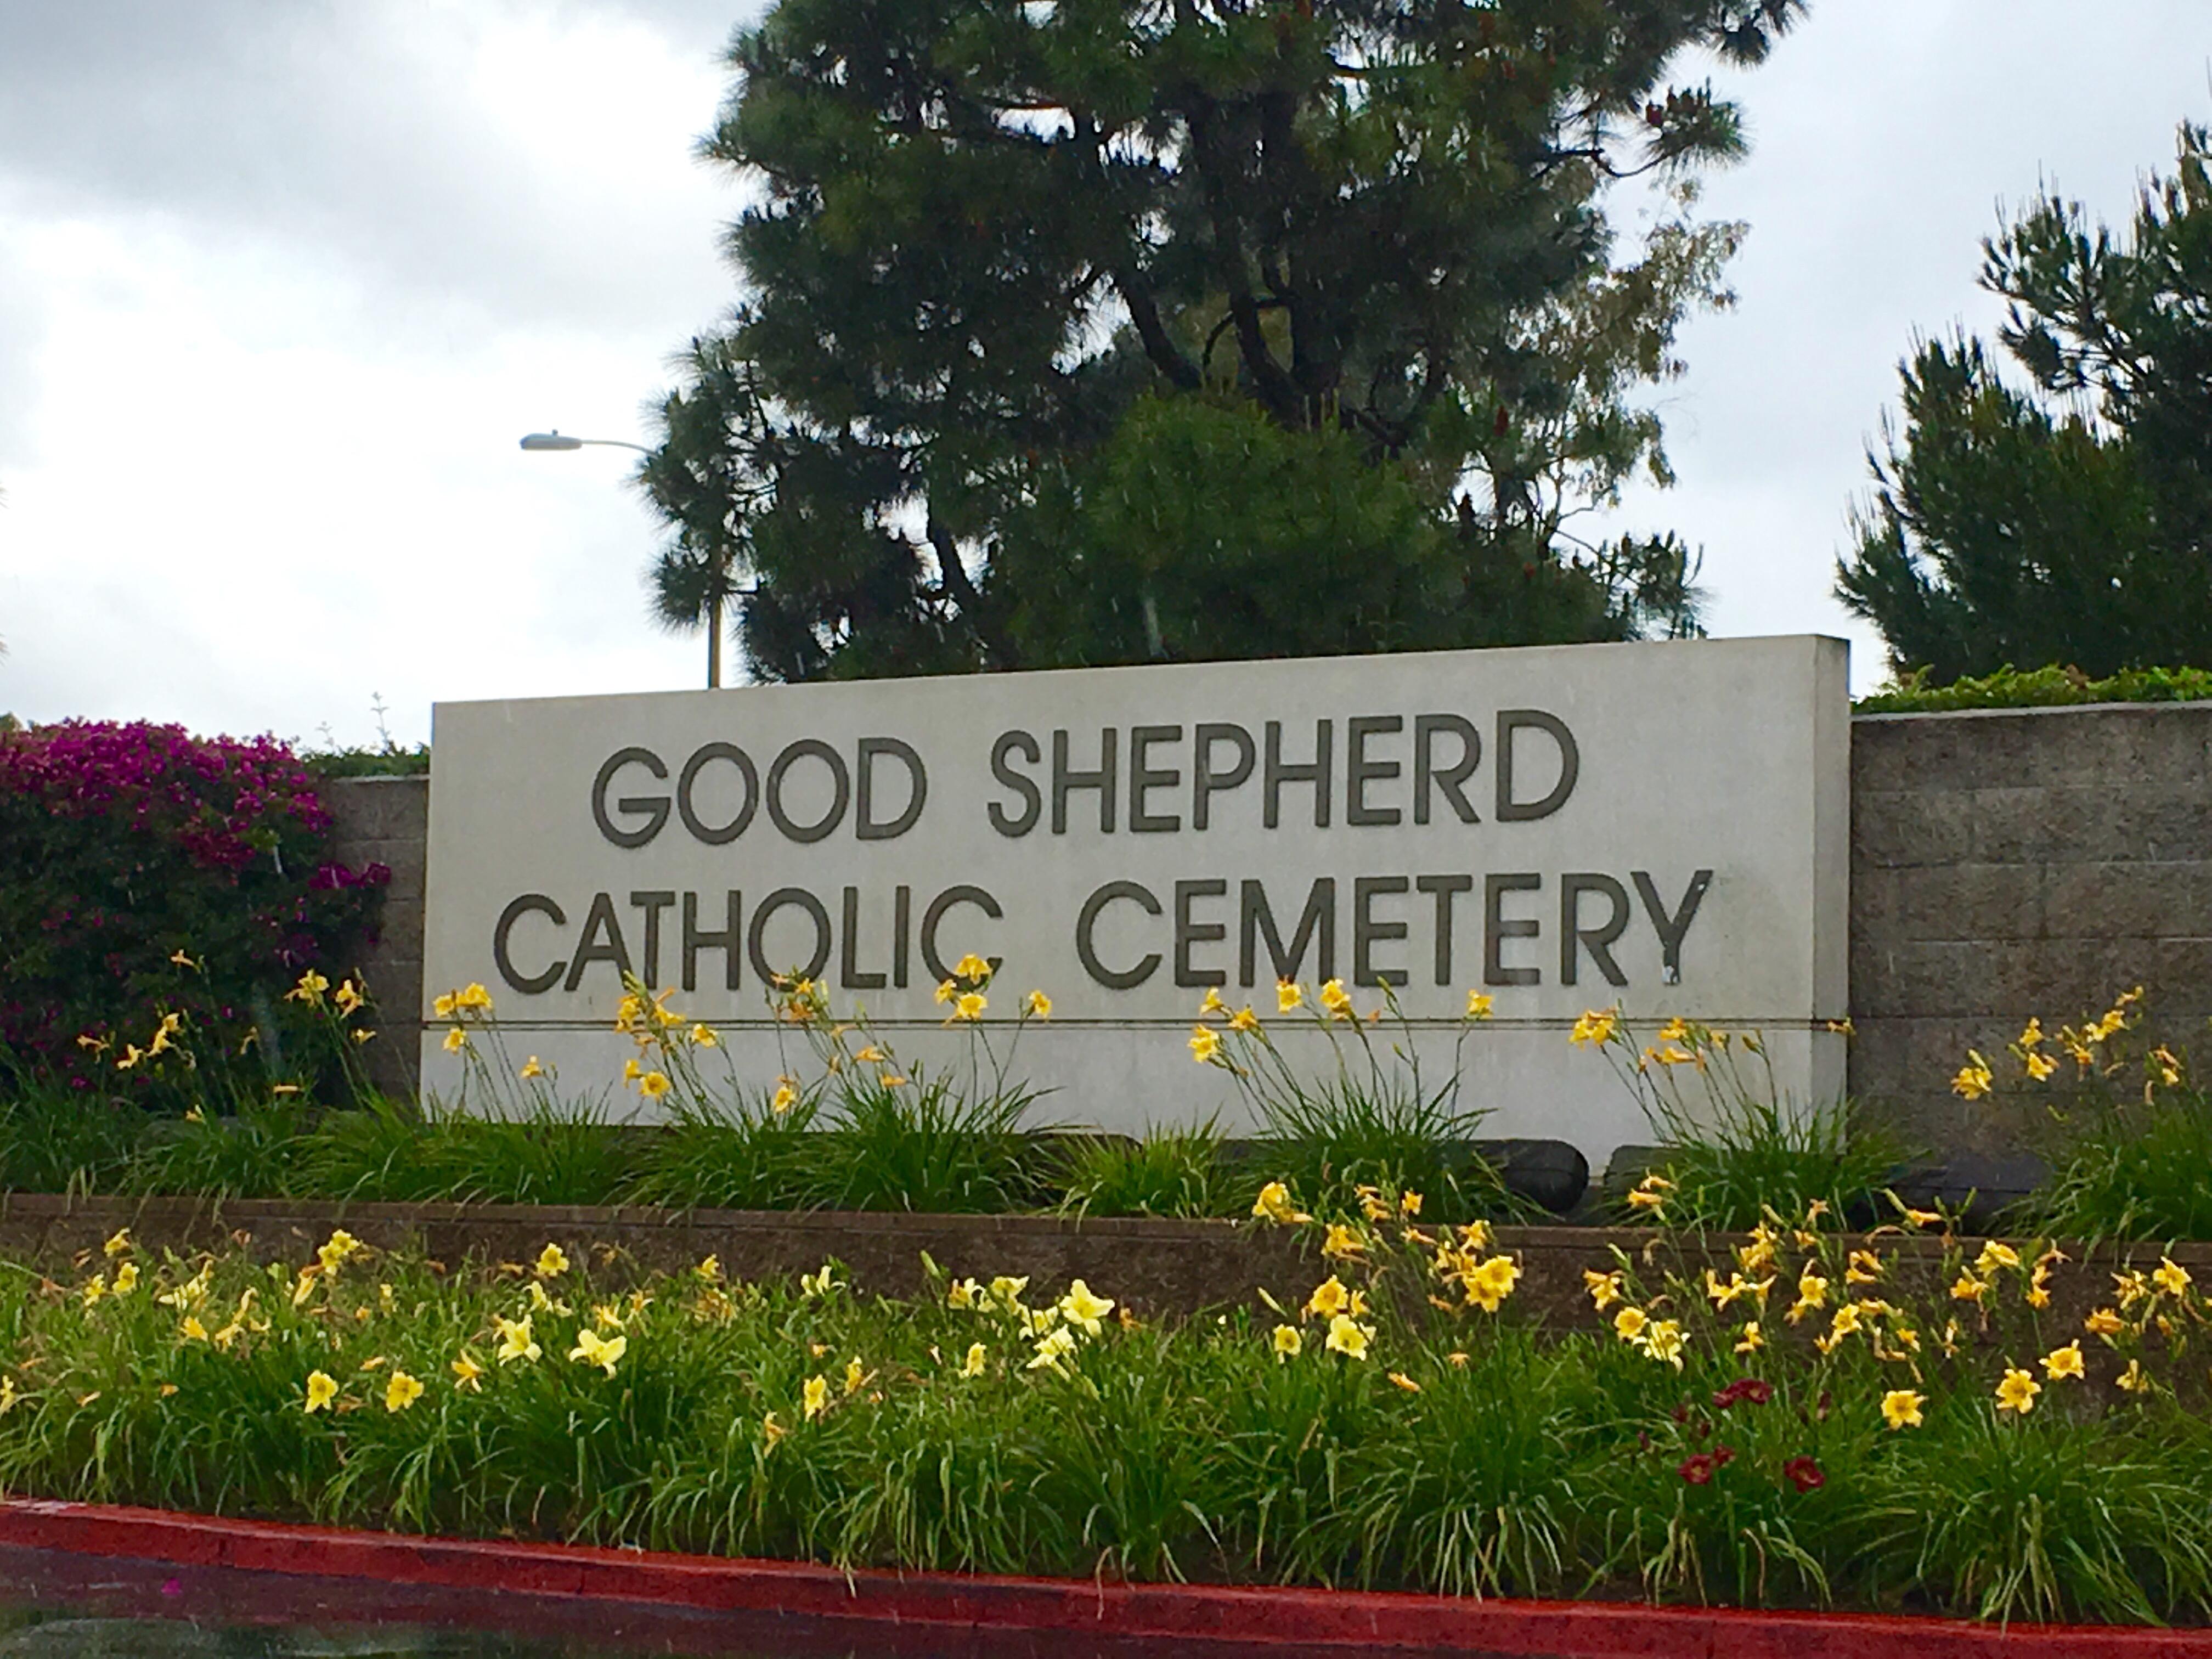 Good Shepherd Cemetery